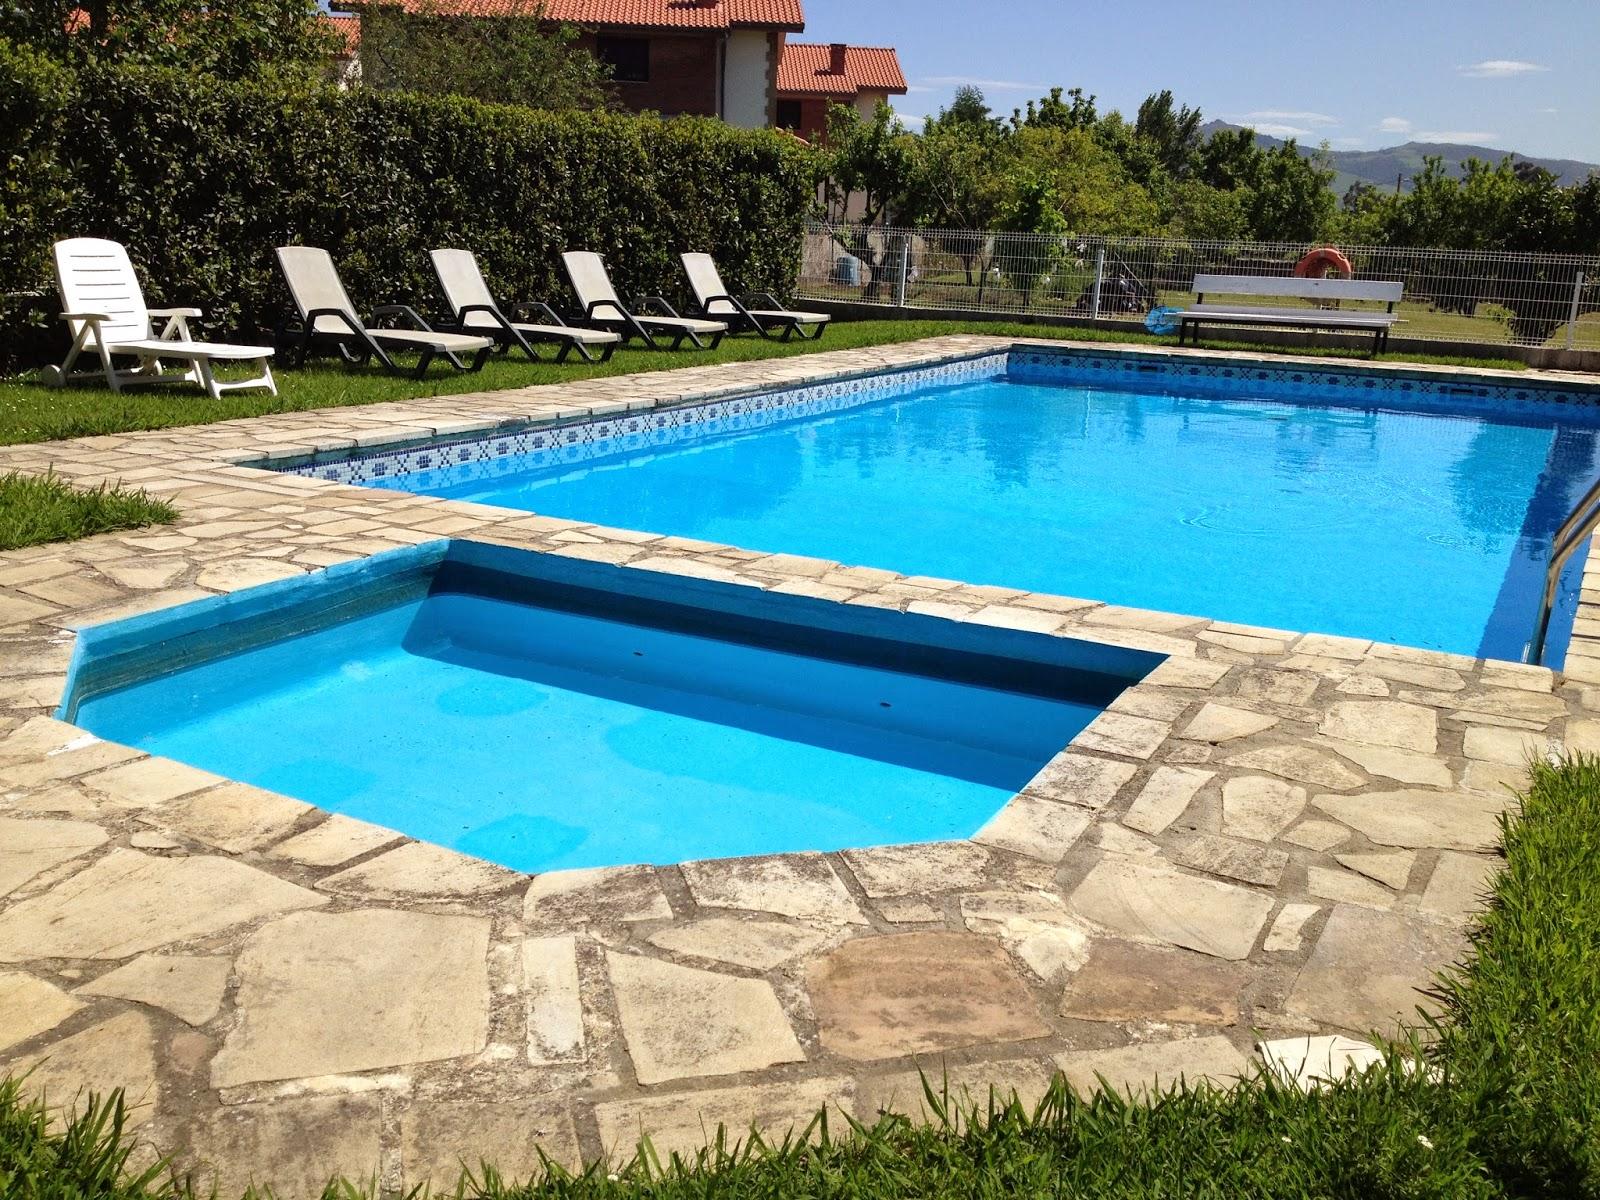 Avemar casa rural con piscina en santillana del mar - Piscinas en santander ...